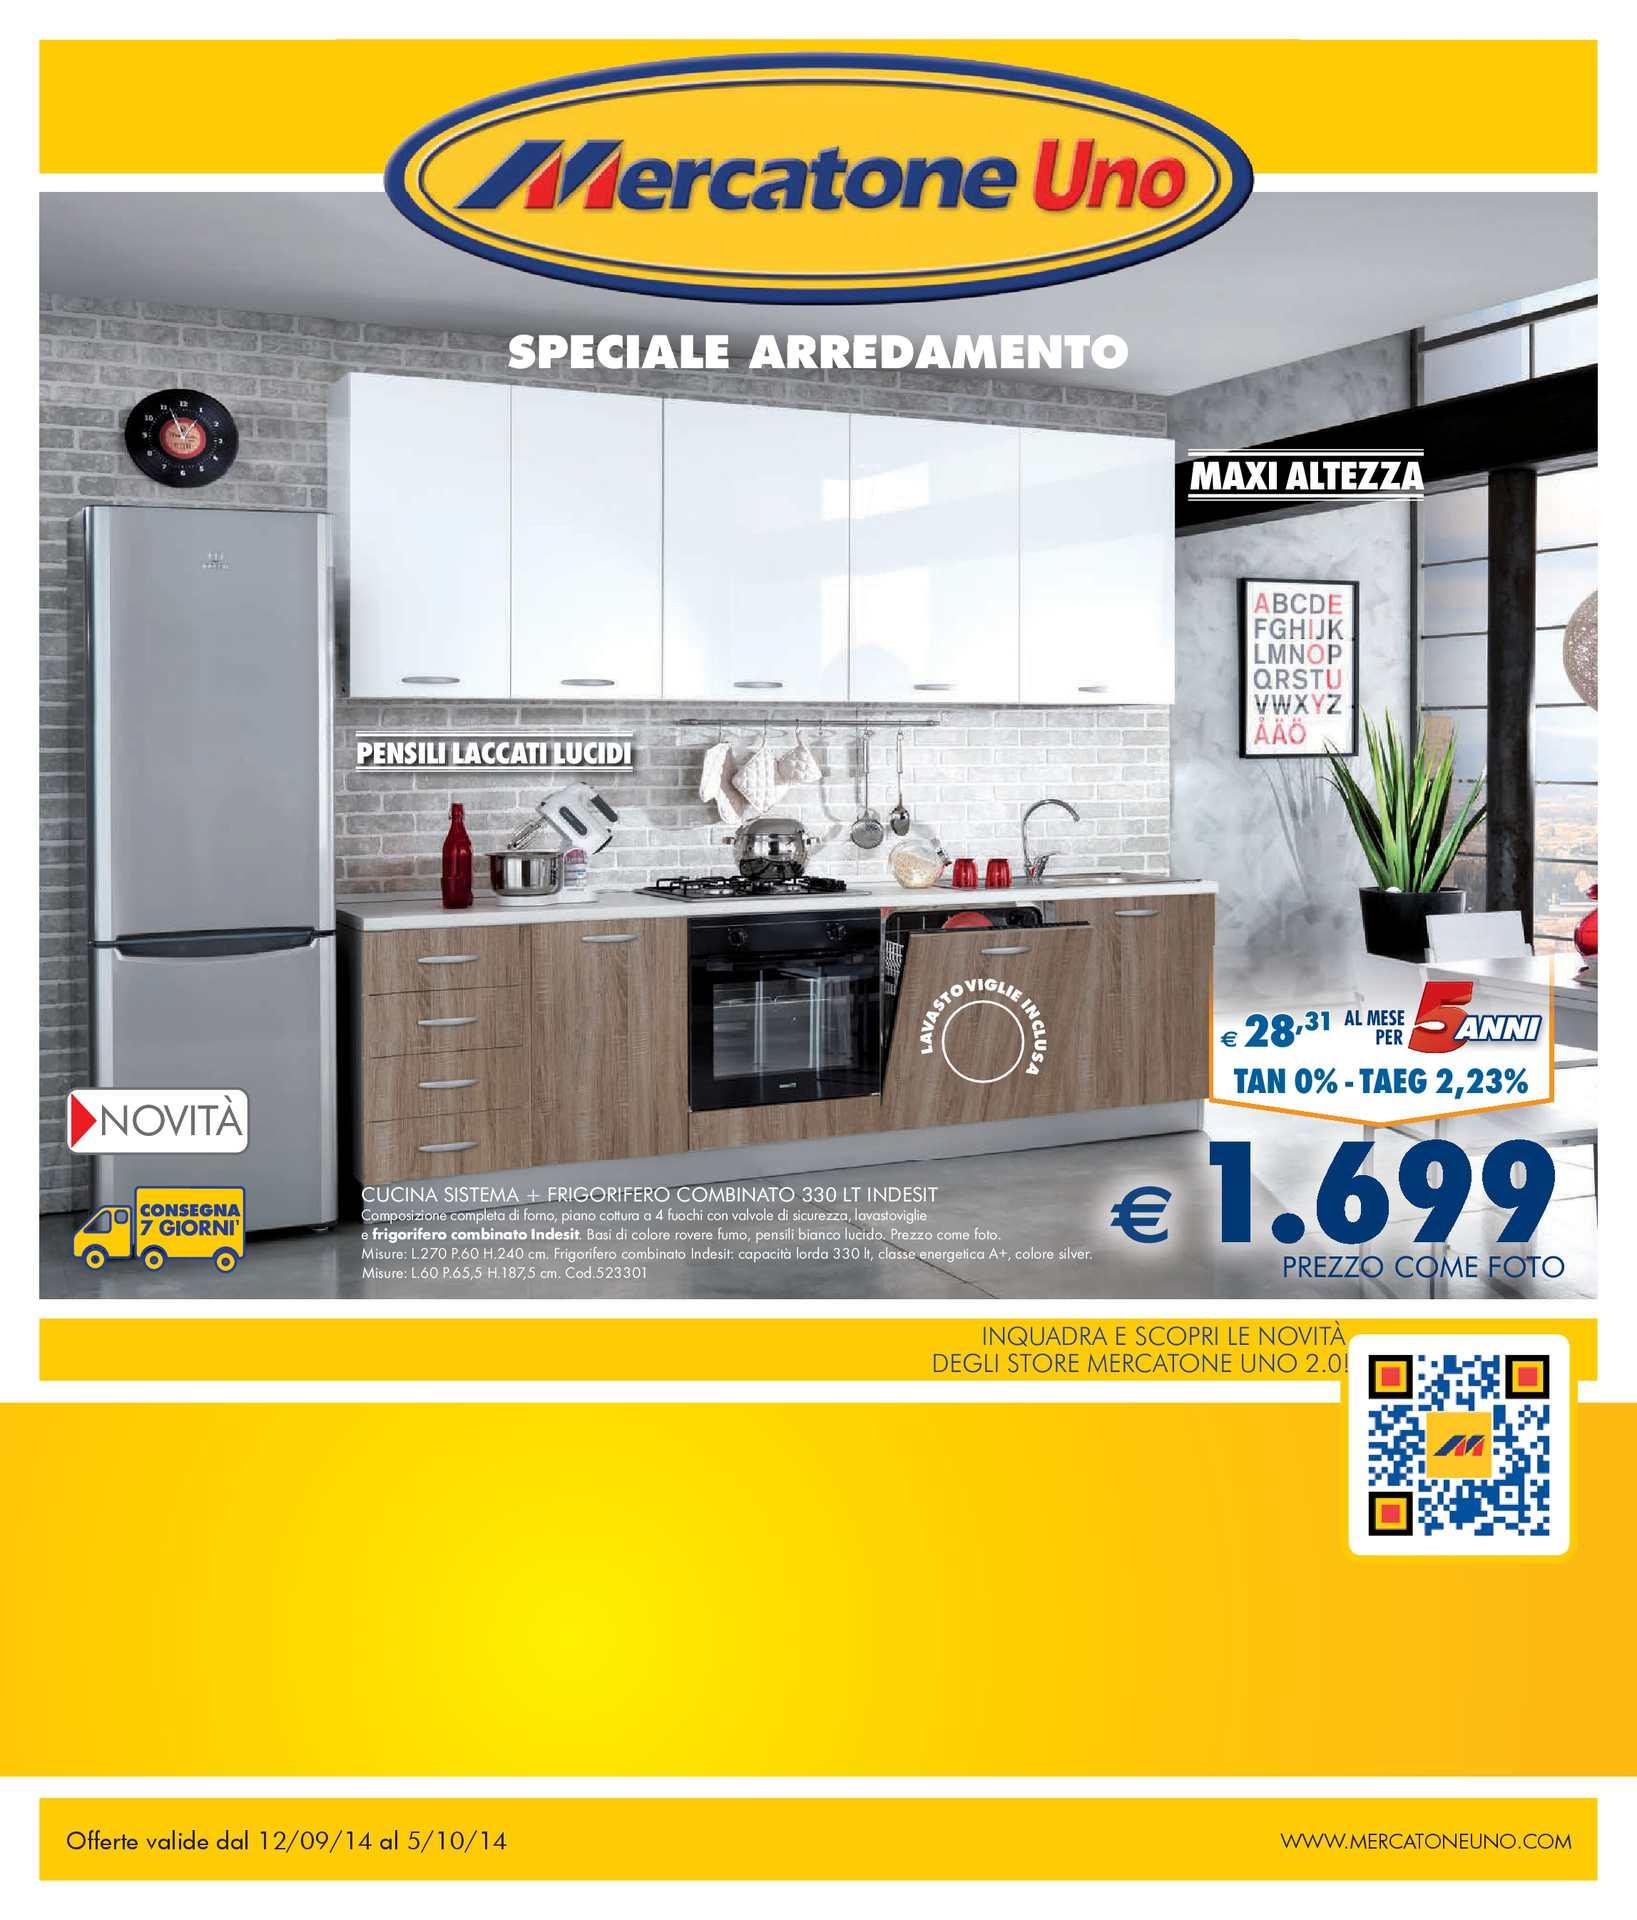 Mercatone Uno Divano Letto Angolare.Calameo Volantino Mercatone Uno Dal 12 Settembre Al 5 Ottobre 2014